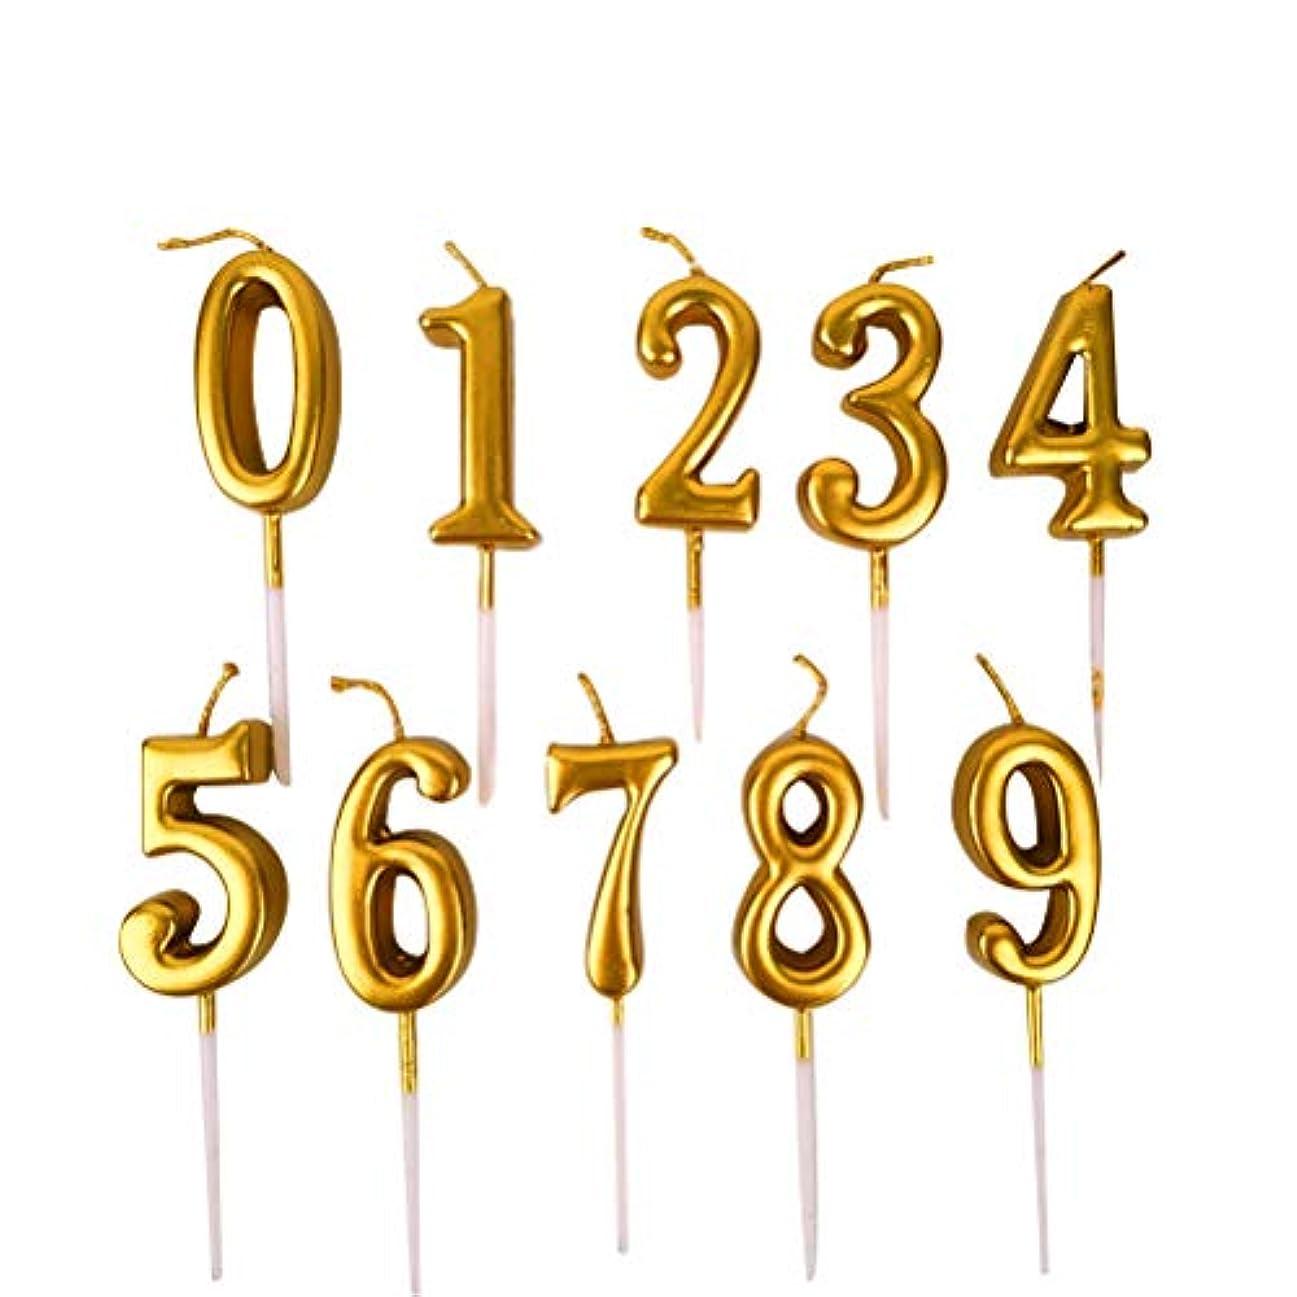 契約する農夫包帯NUOBESTY 誕生日数字キャンドル、10ピース番号0-9グリッターケーキトッパー装飾用誕生日パーティーの好意